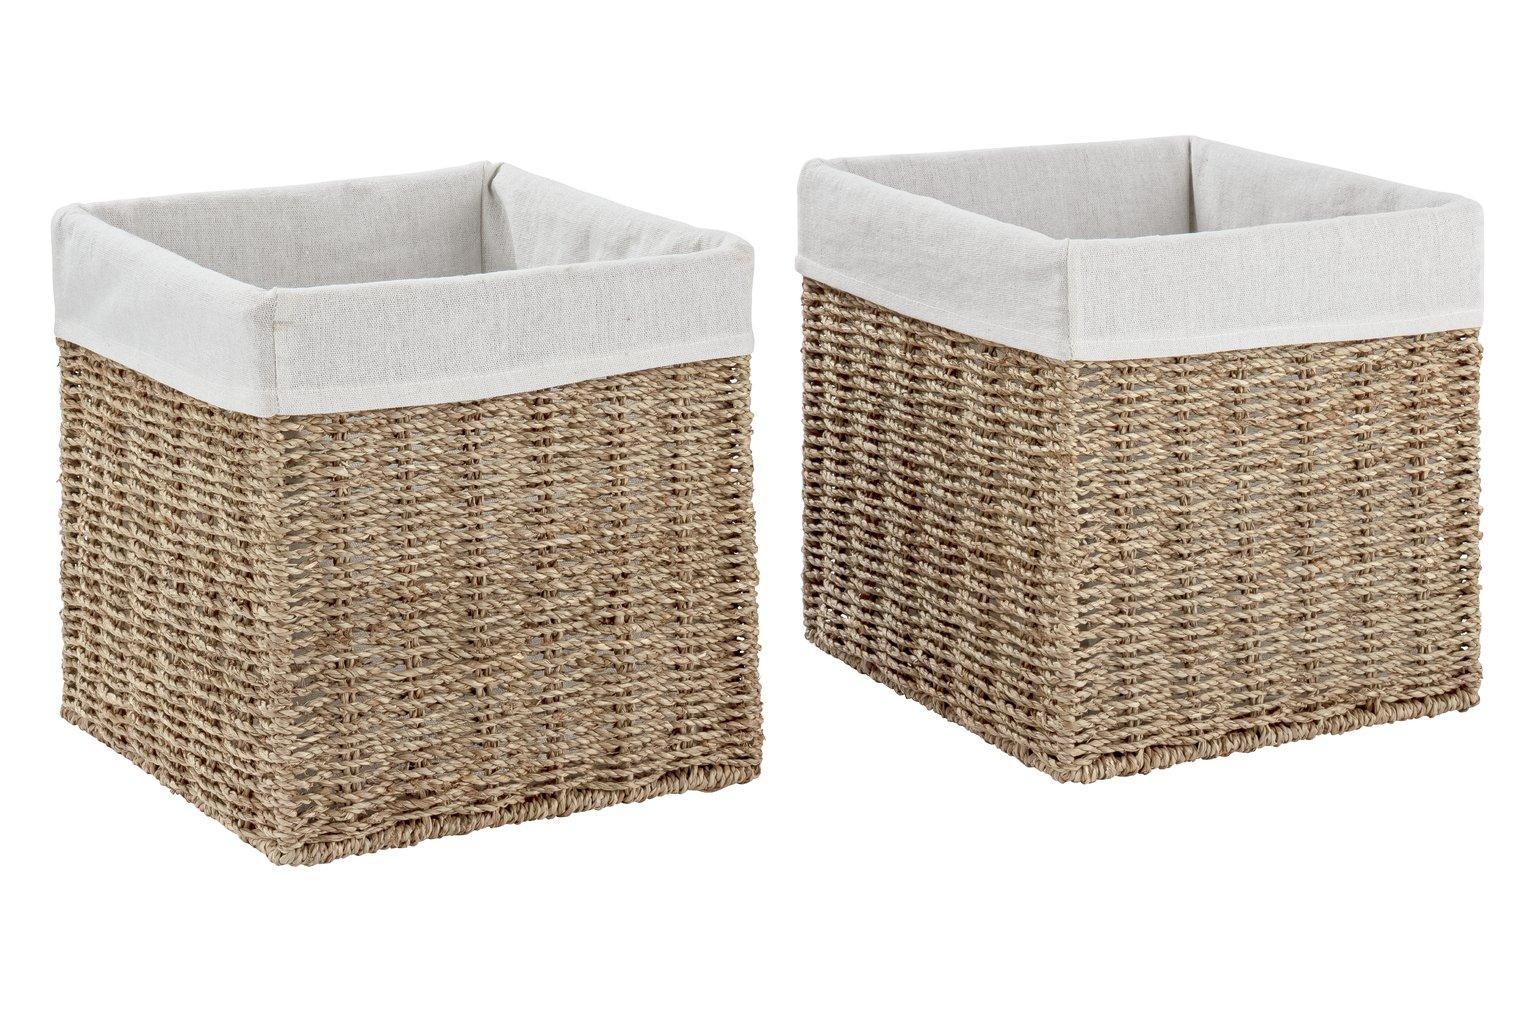 Argos Home Set of 2 Rope Storage Baskets